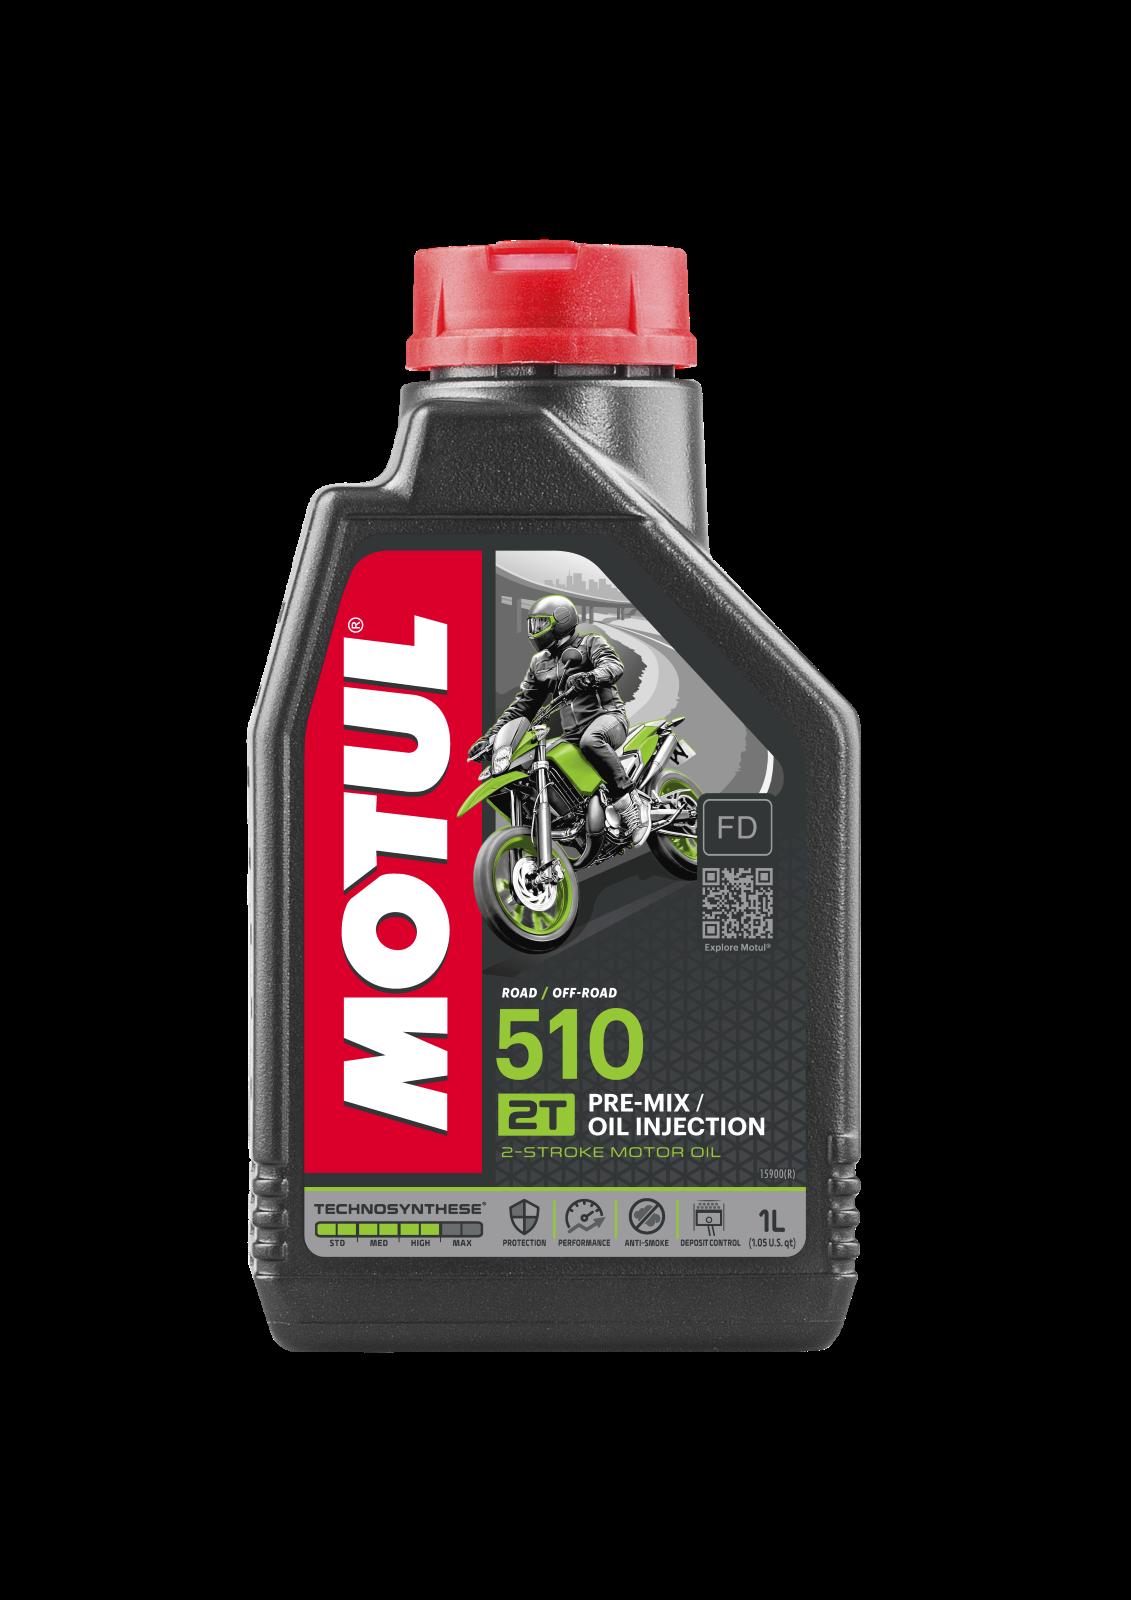 MOTUL AG MOTUL 510 2T 1L